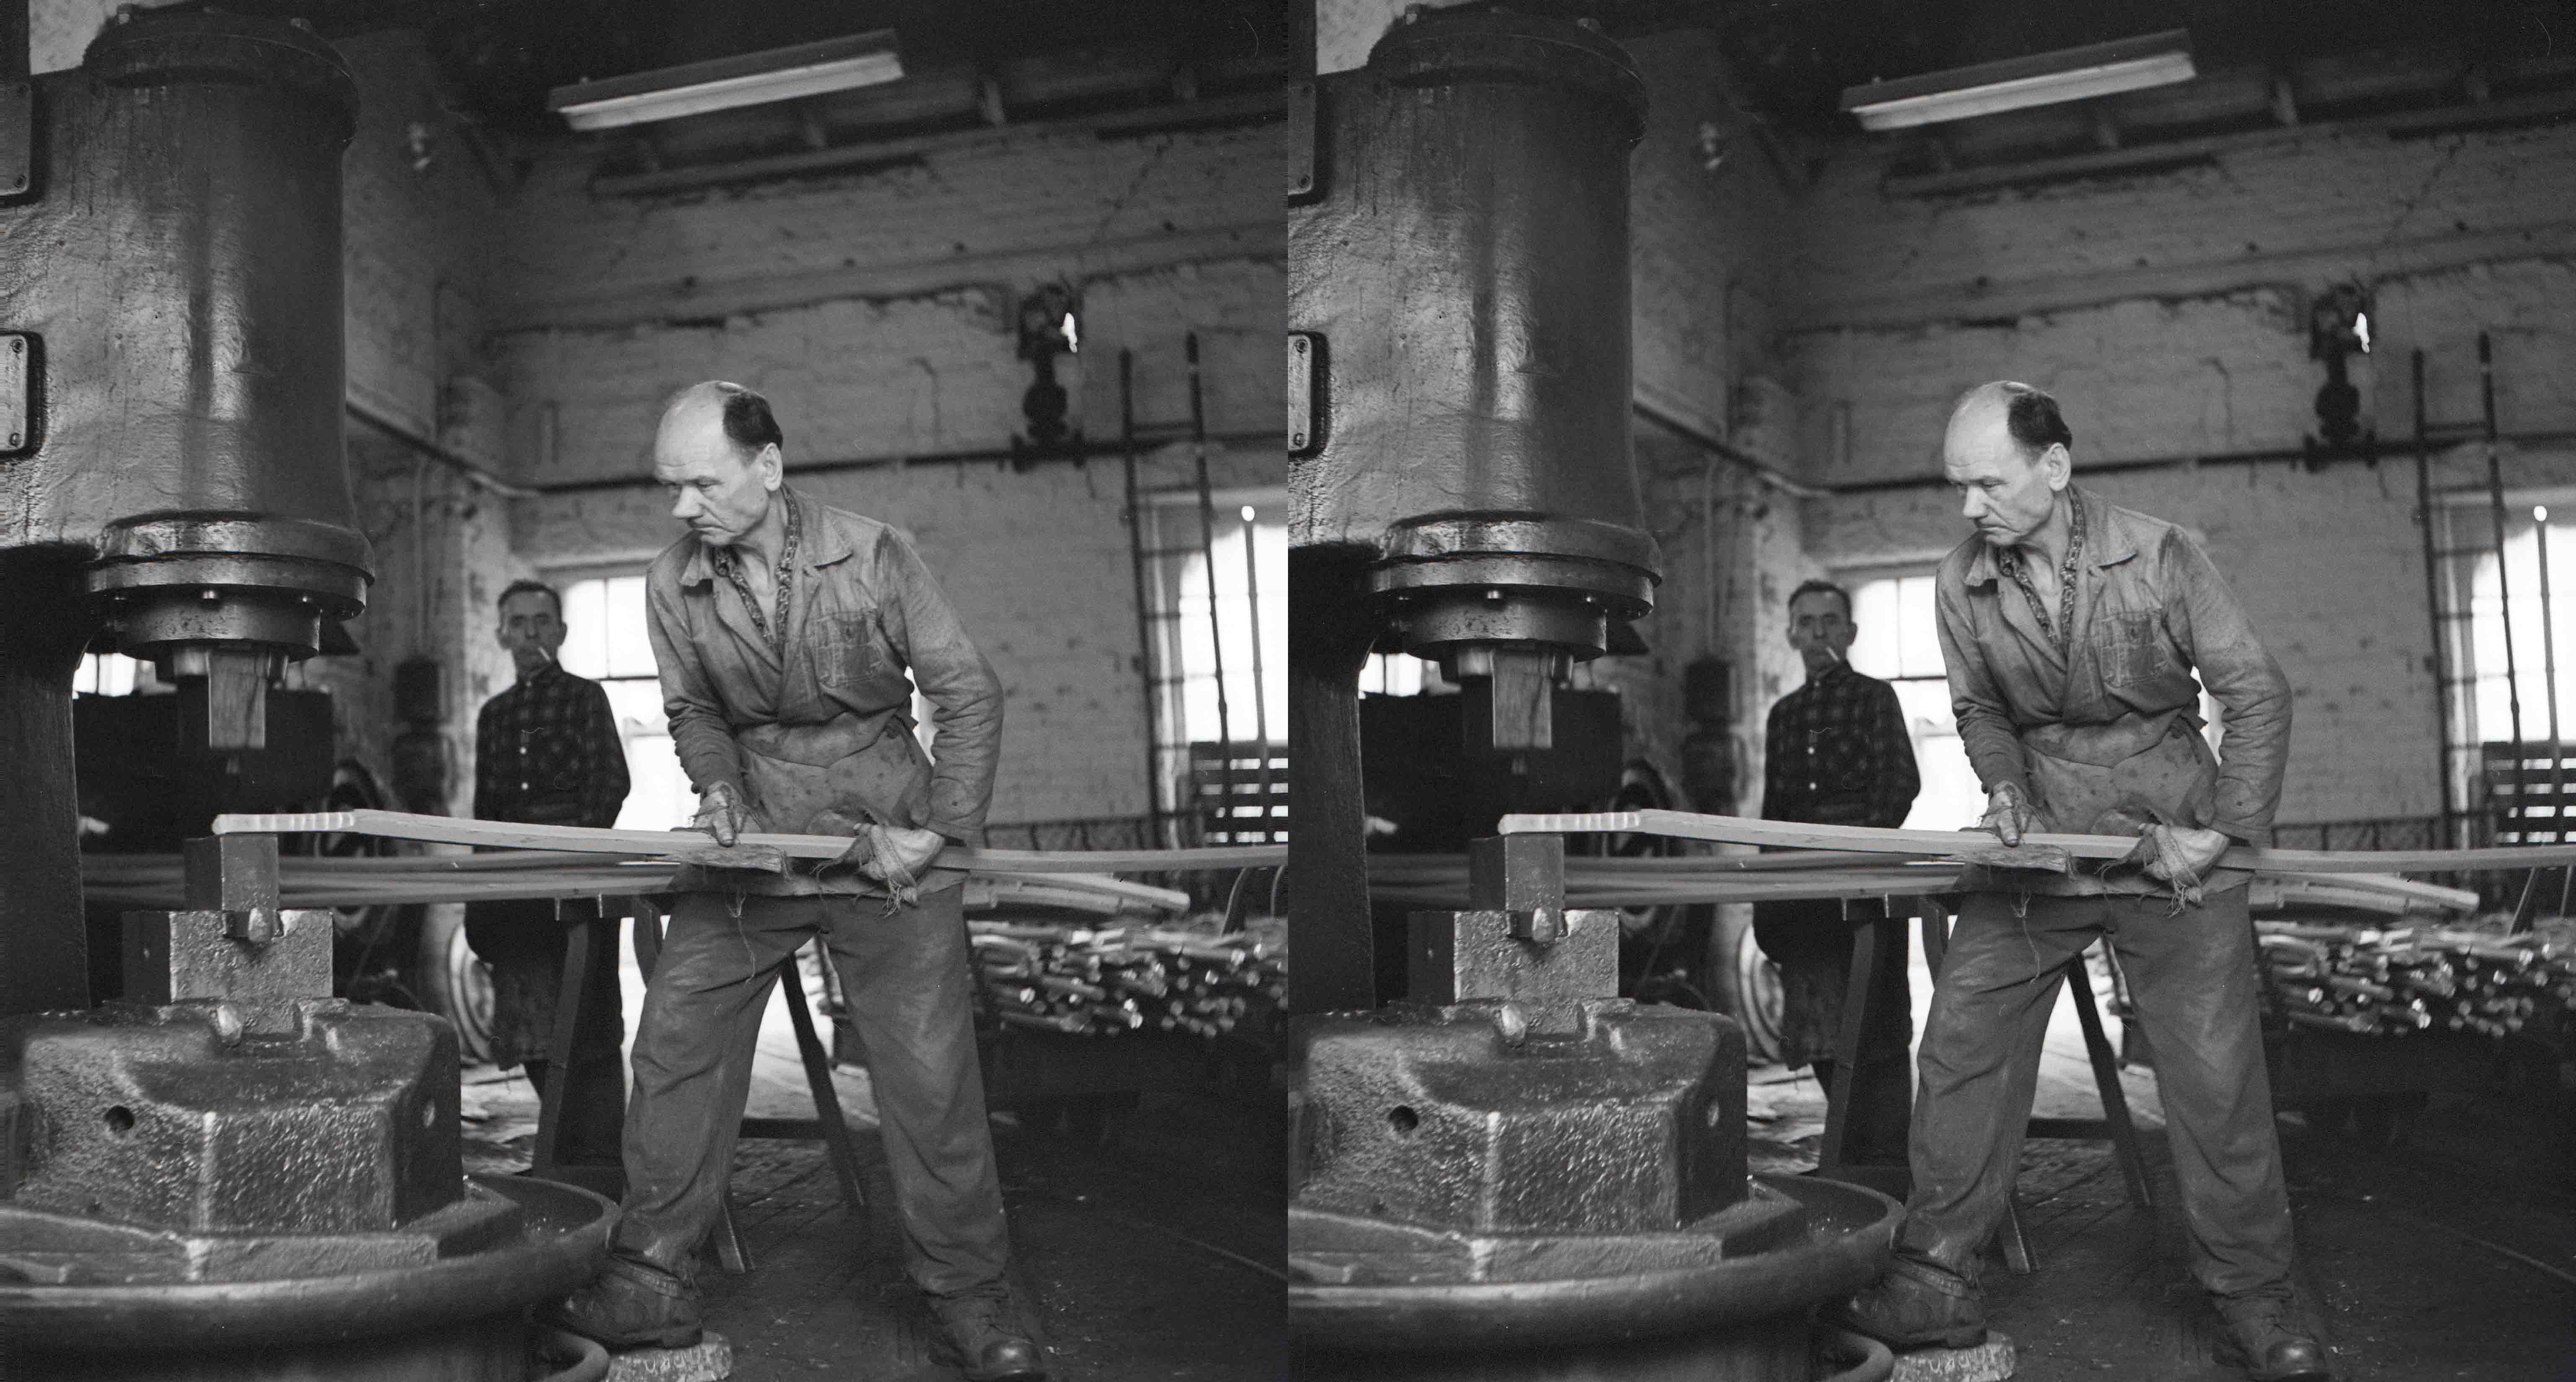 Fot. Zygmunt Swiatek / East News  Zaklad przemyslowy Walzmet, 1973  N/Z: robotnik przy pracy